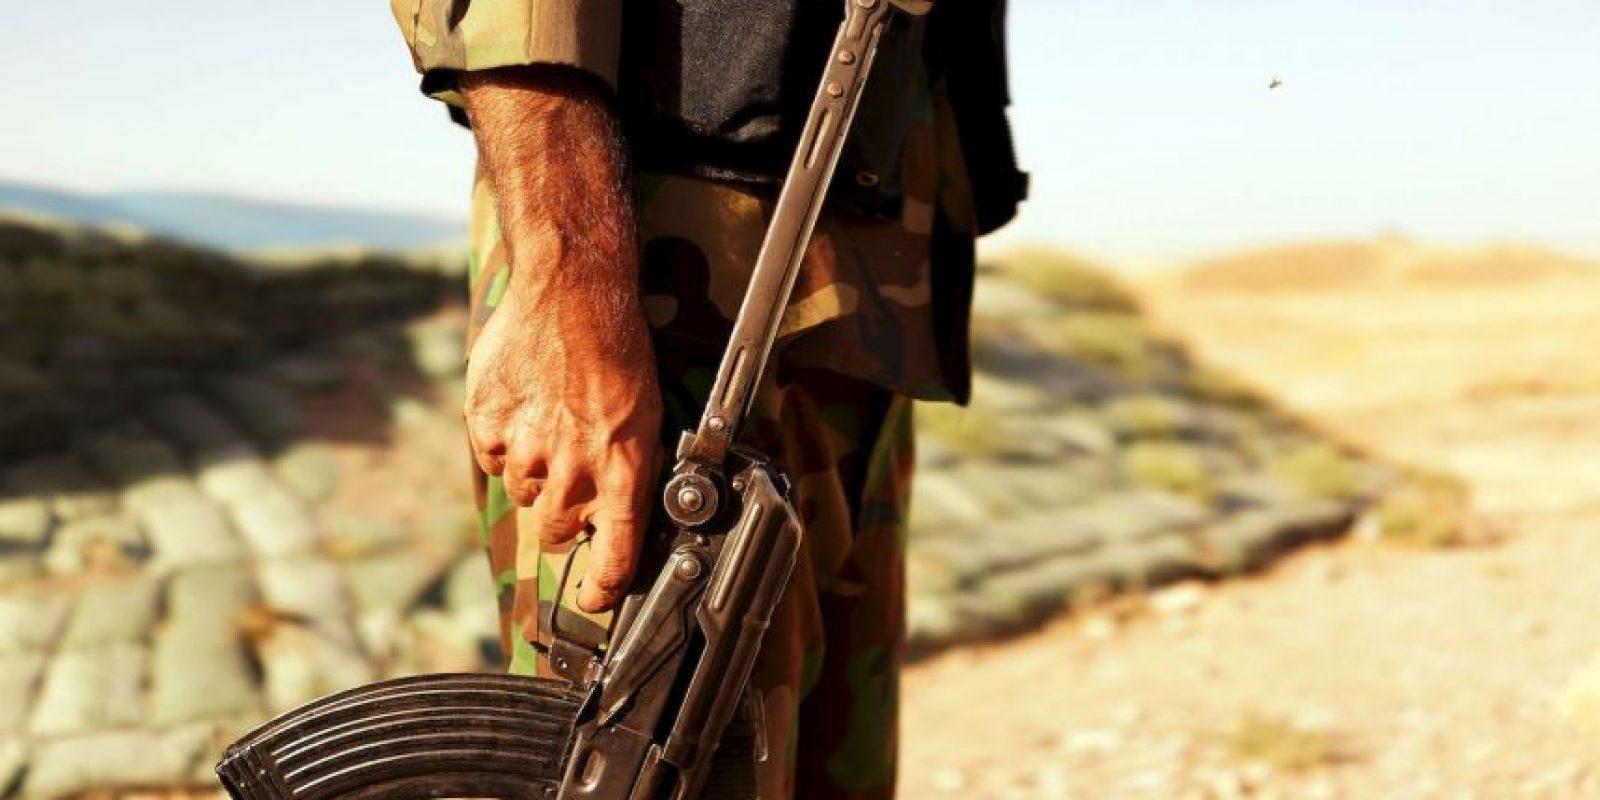 Se estima que el grupo terrorista recauda 730 millones de dólares al año, reseñó Bloomberg. Foto:Getty Images